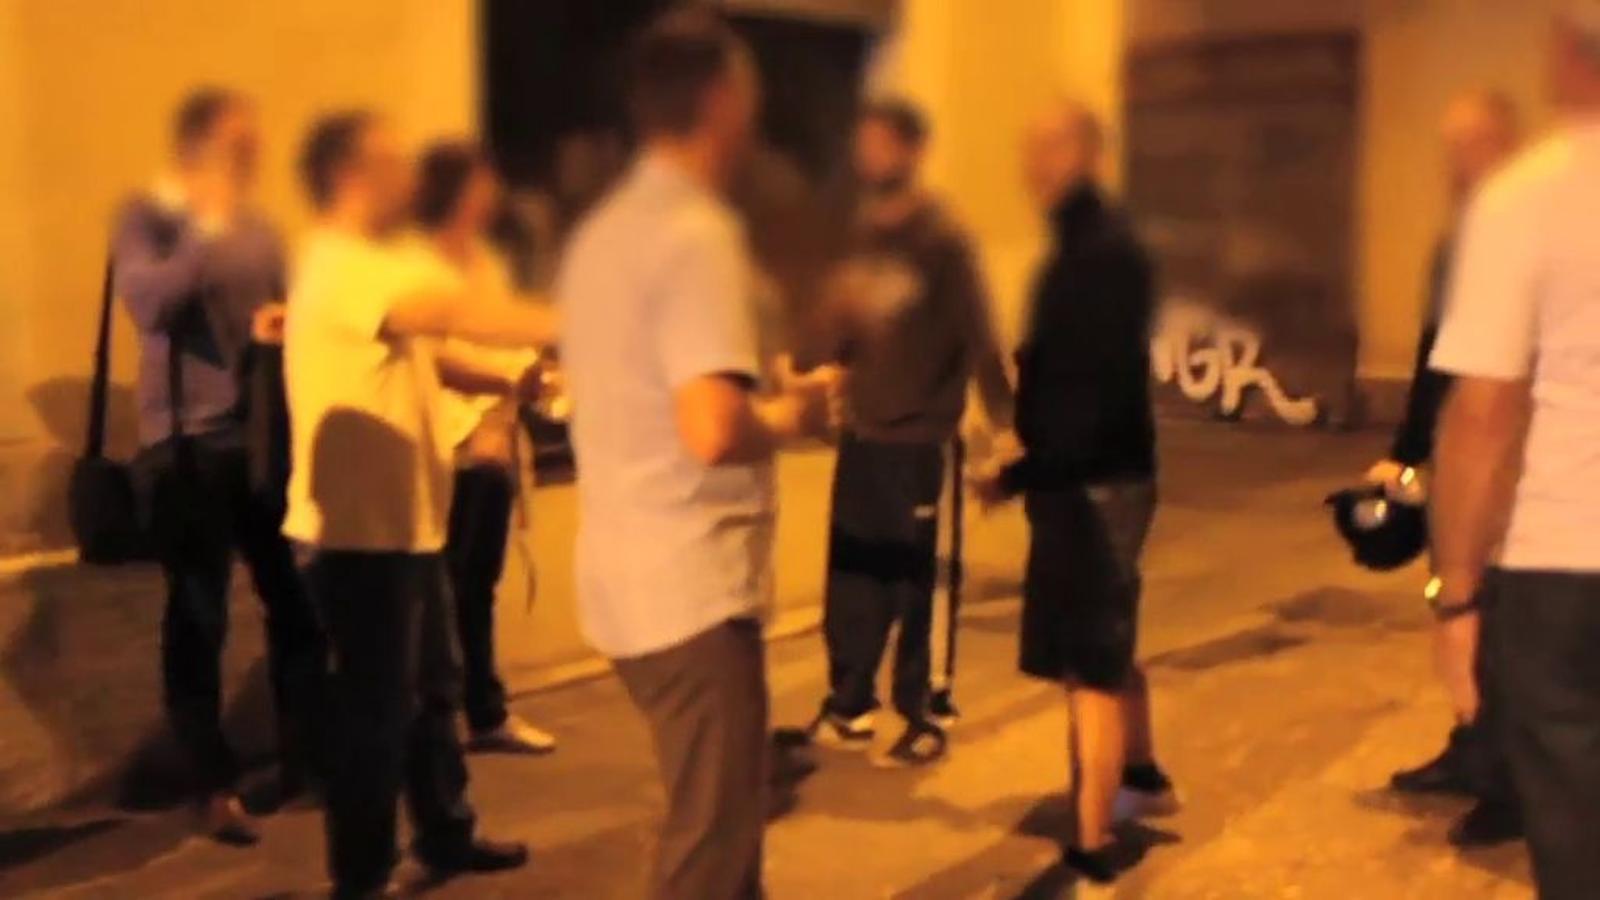 Vídeo de l'agressió a un grup d'ucraïnesos a Barcelona